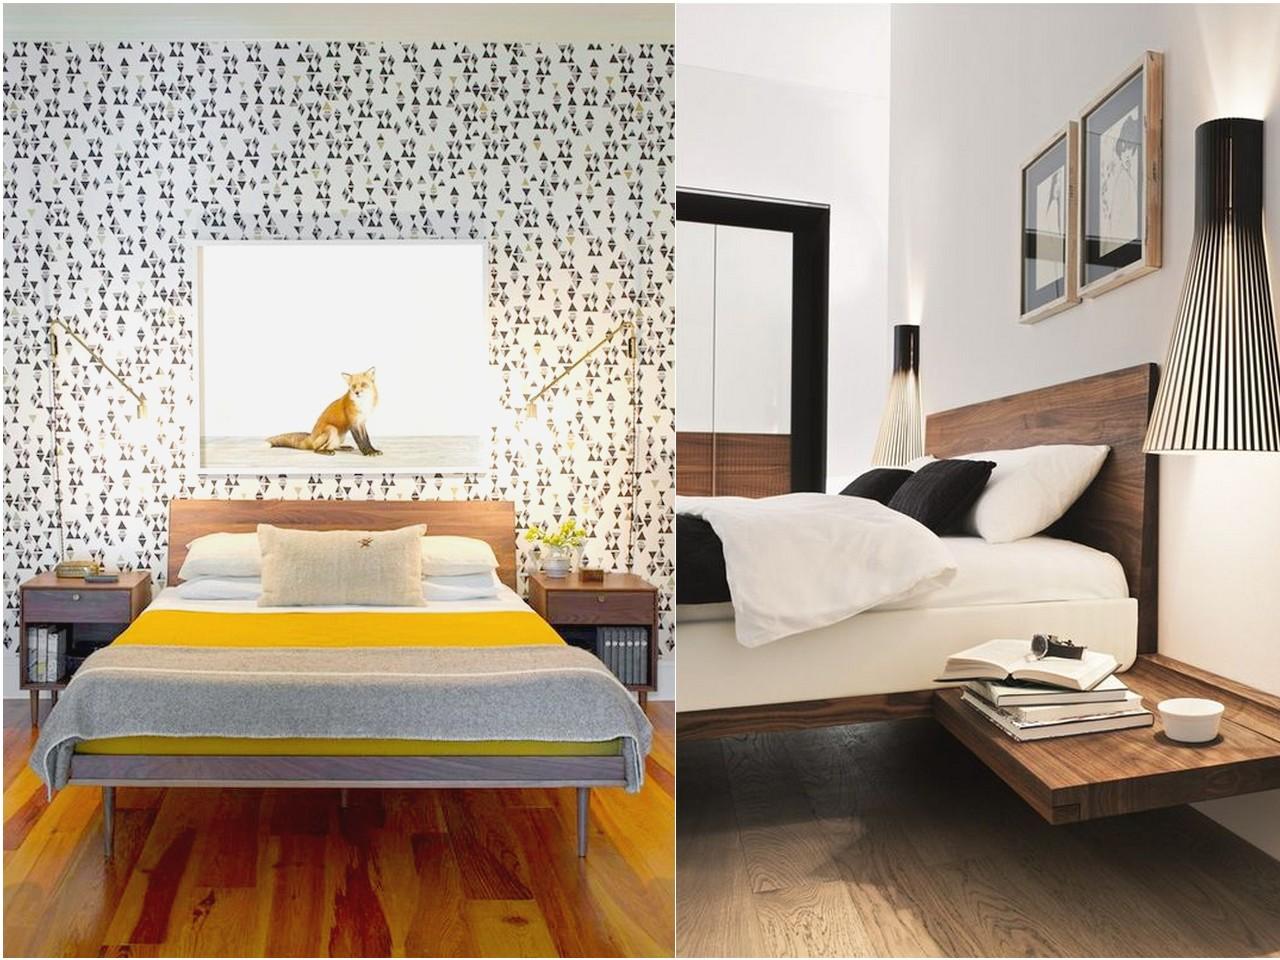 Decoración Dormitorios 2017 Camas De Colores Oscuros